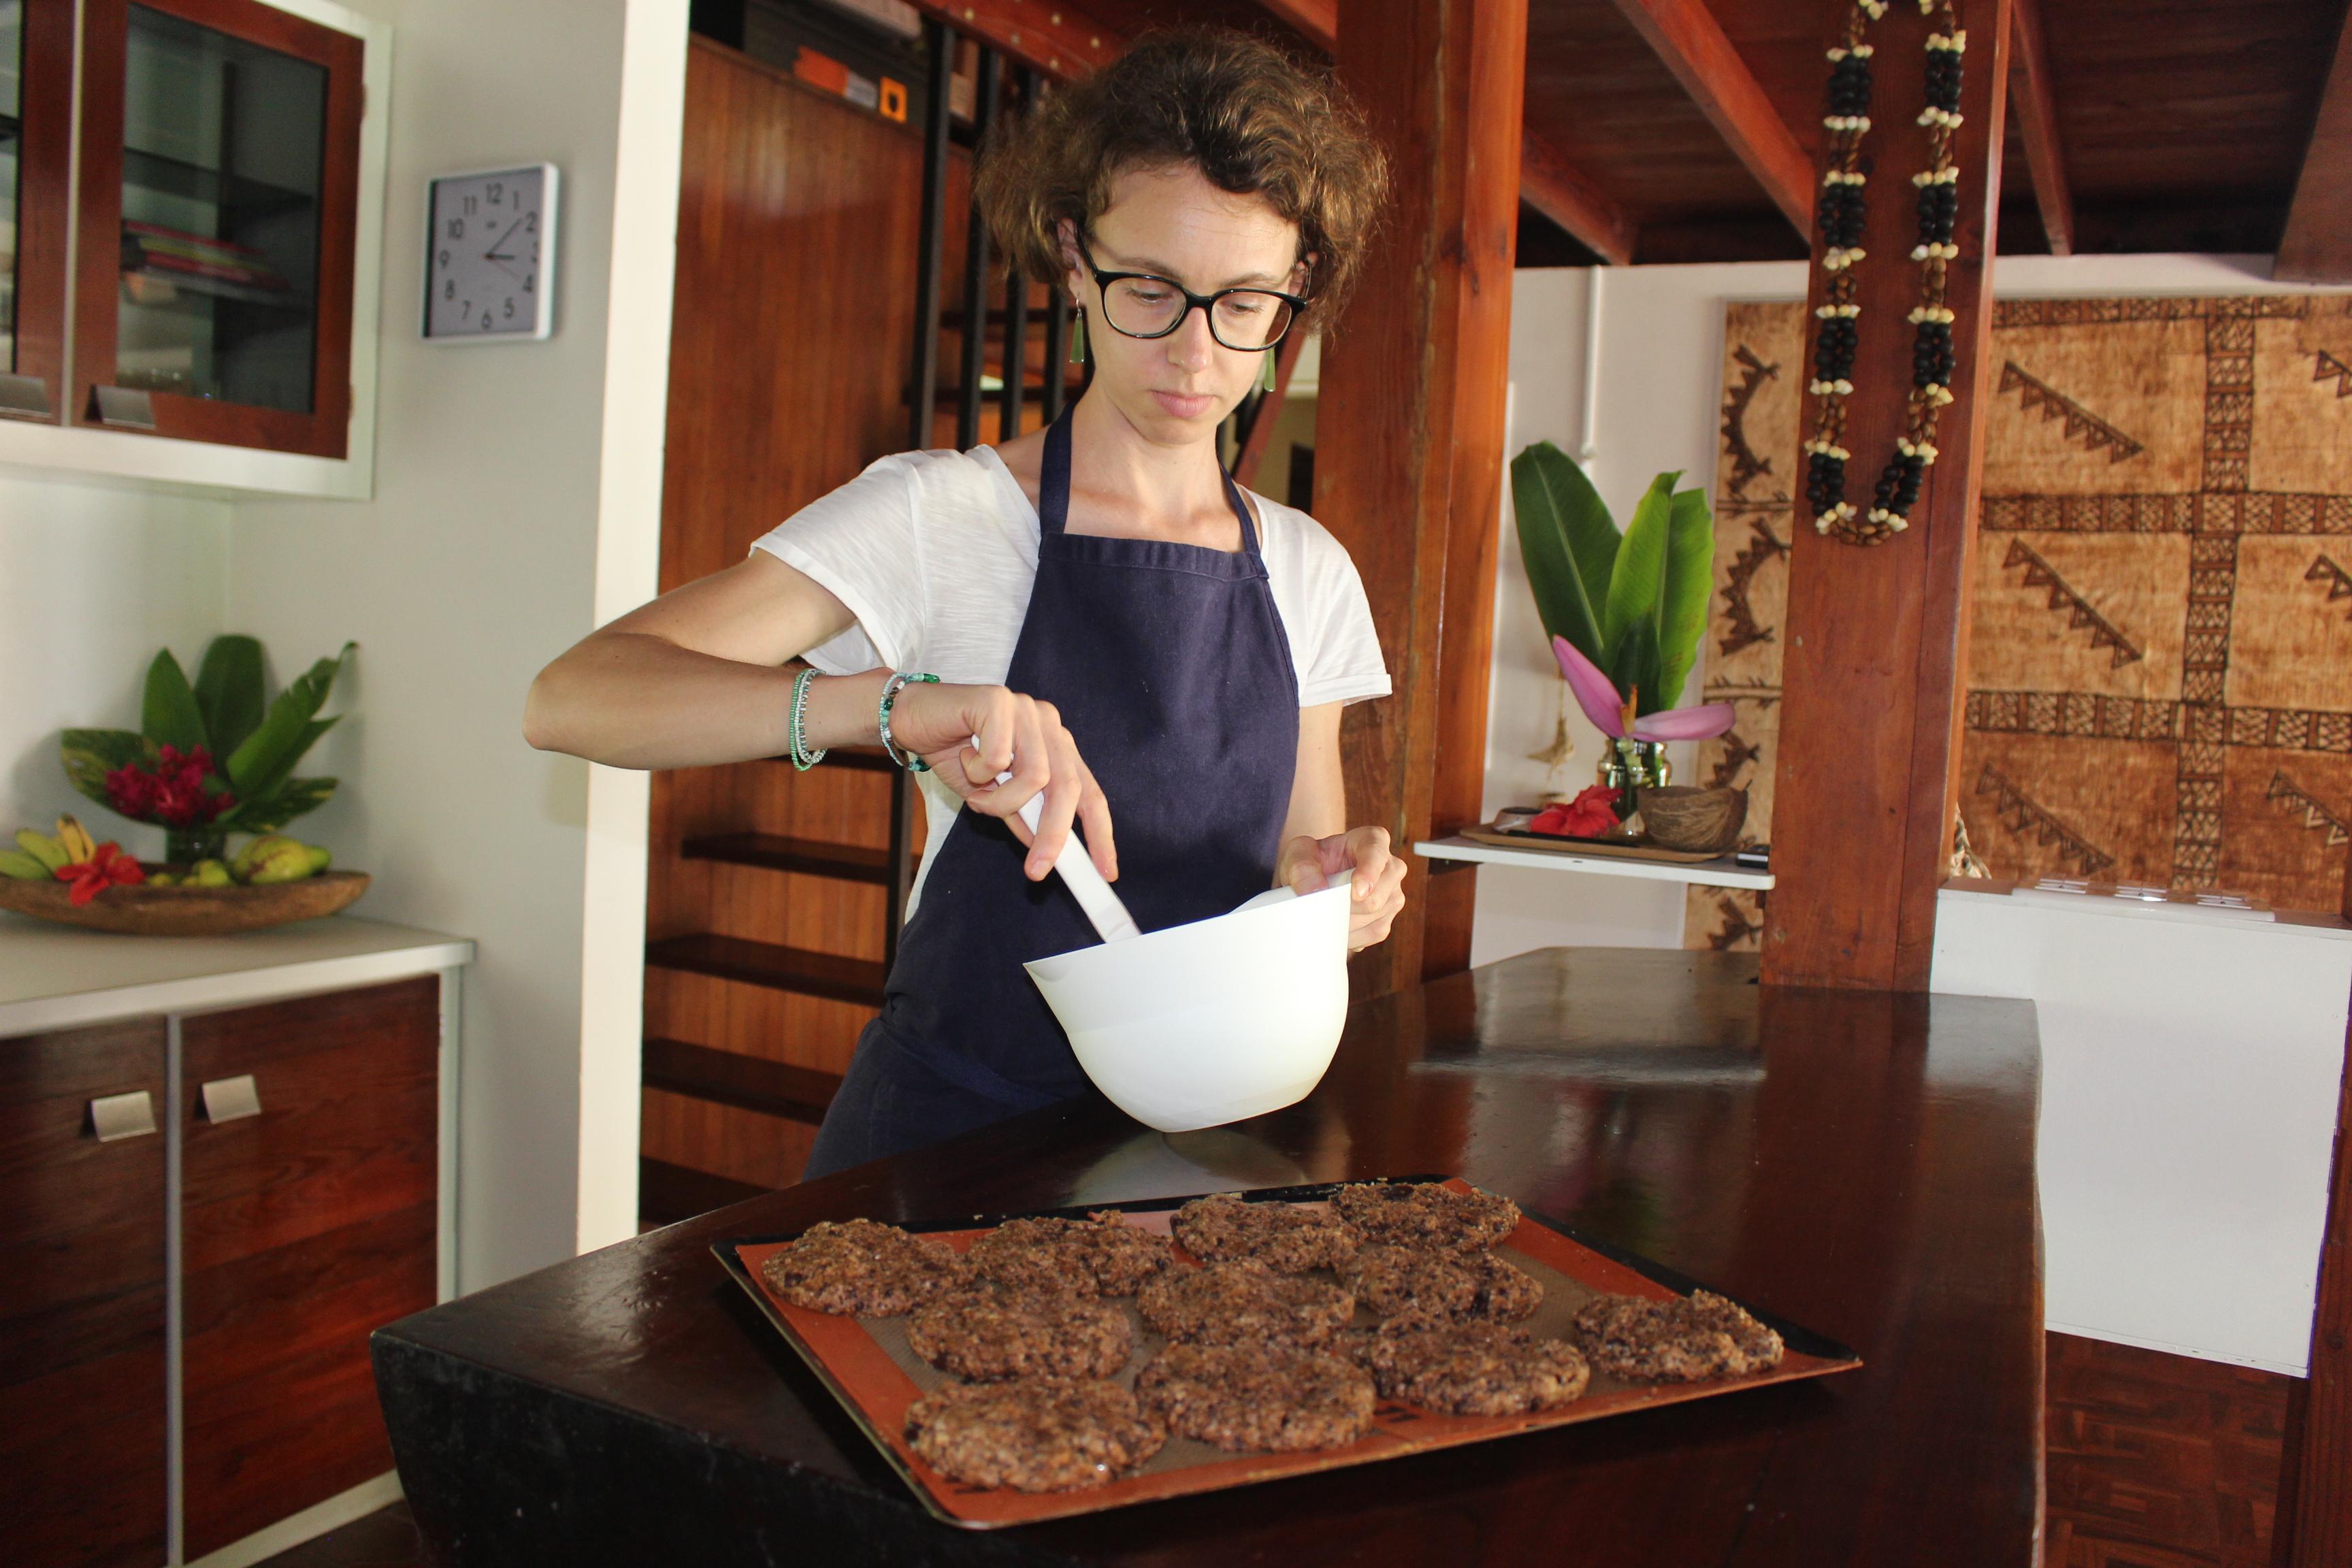 Les secrets d'un goûter d'anniversaire sain et gourmand au village de l'alimentation